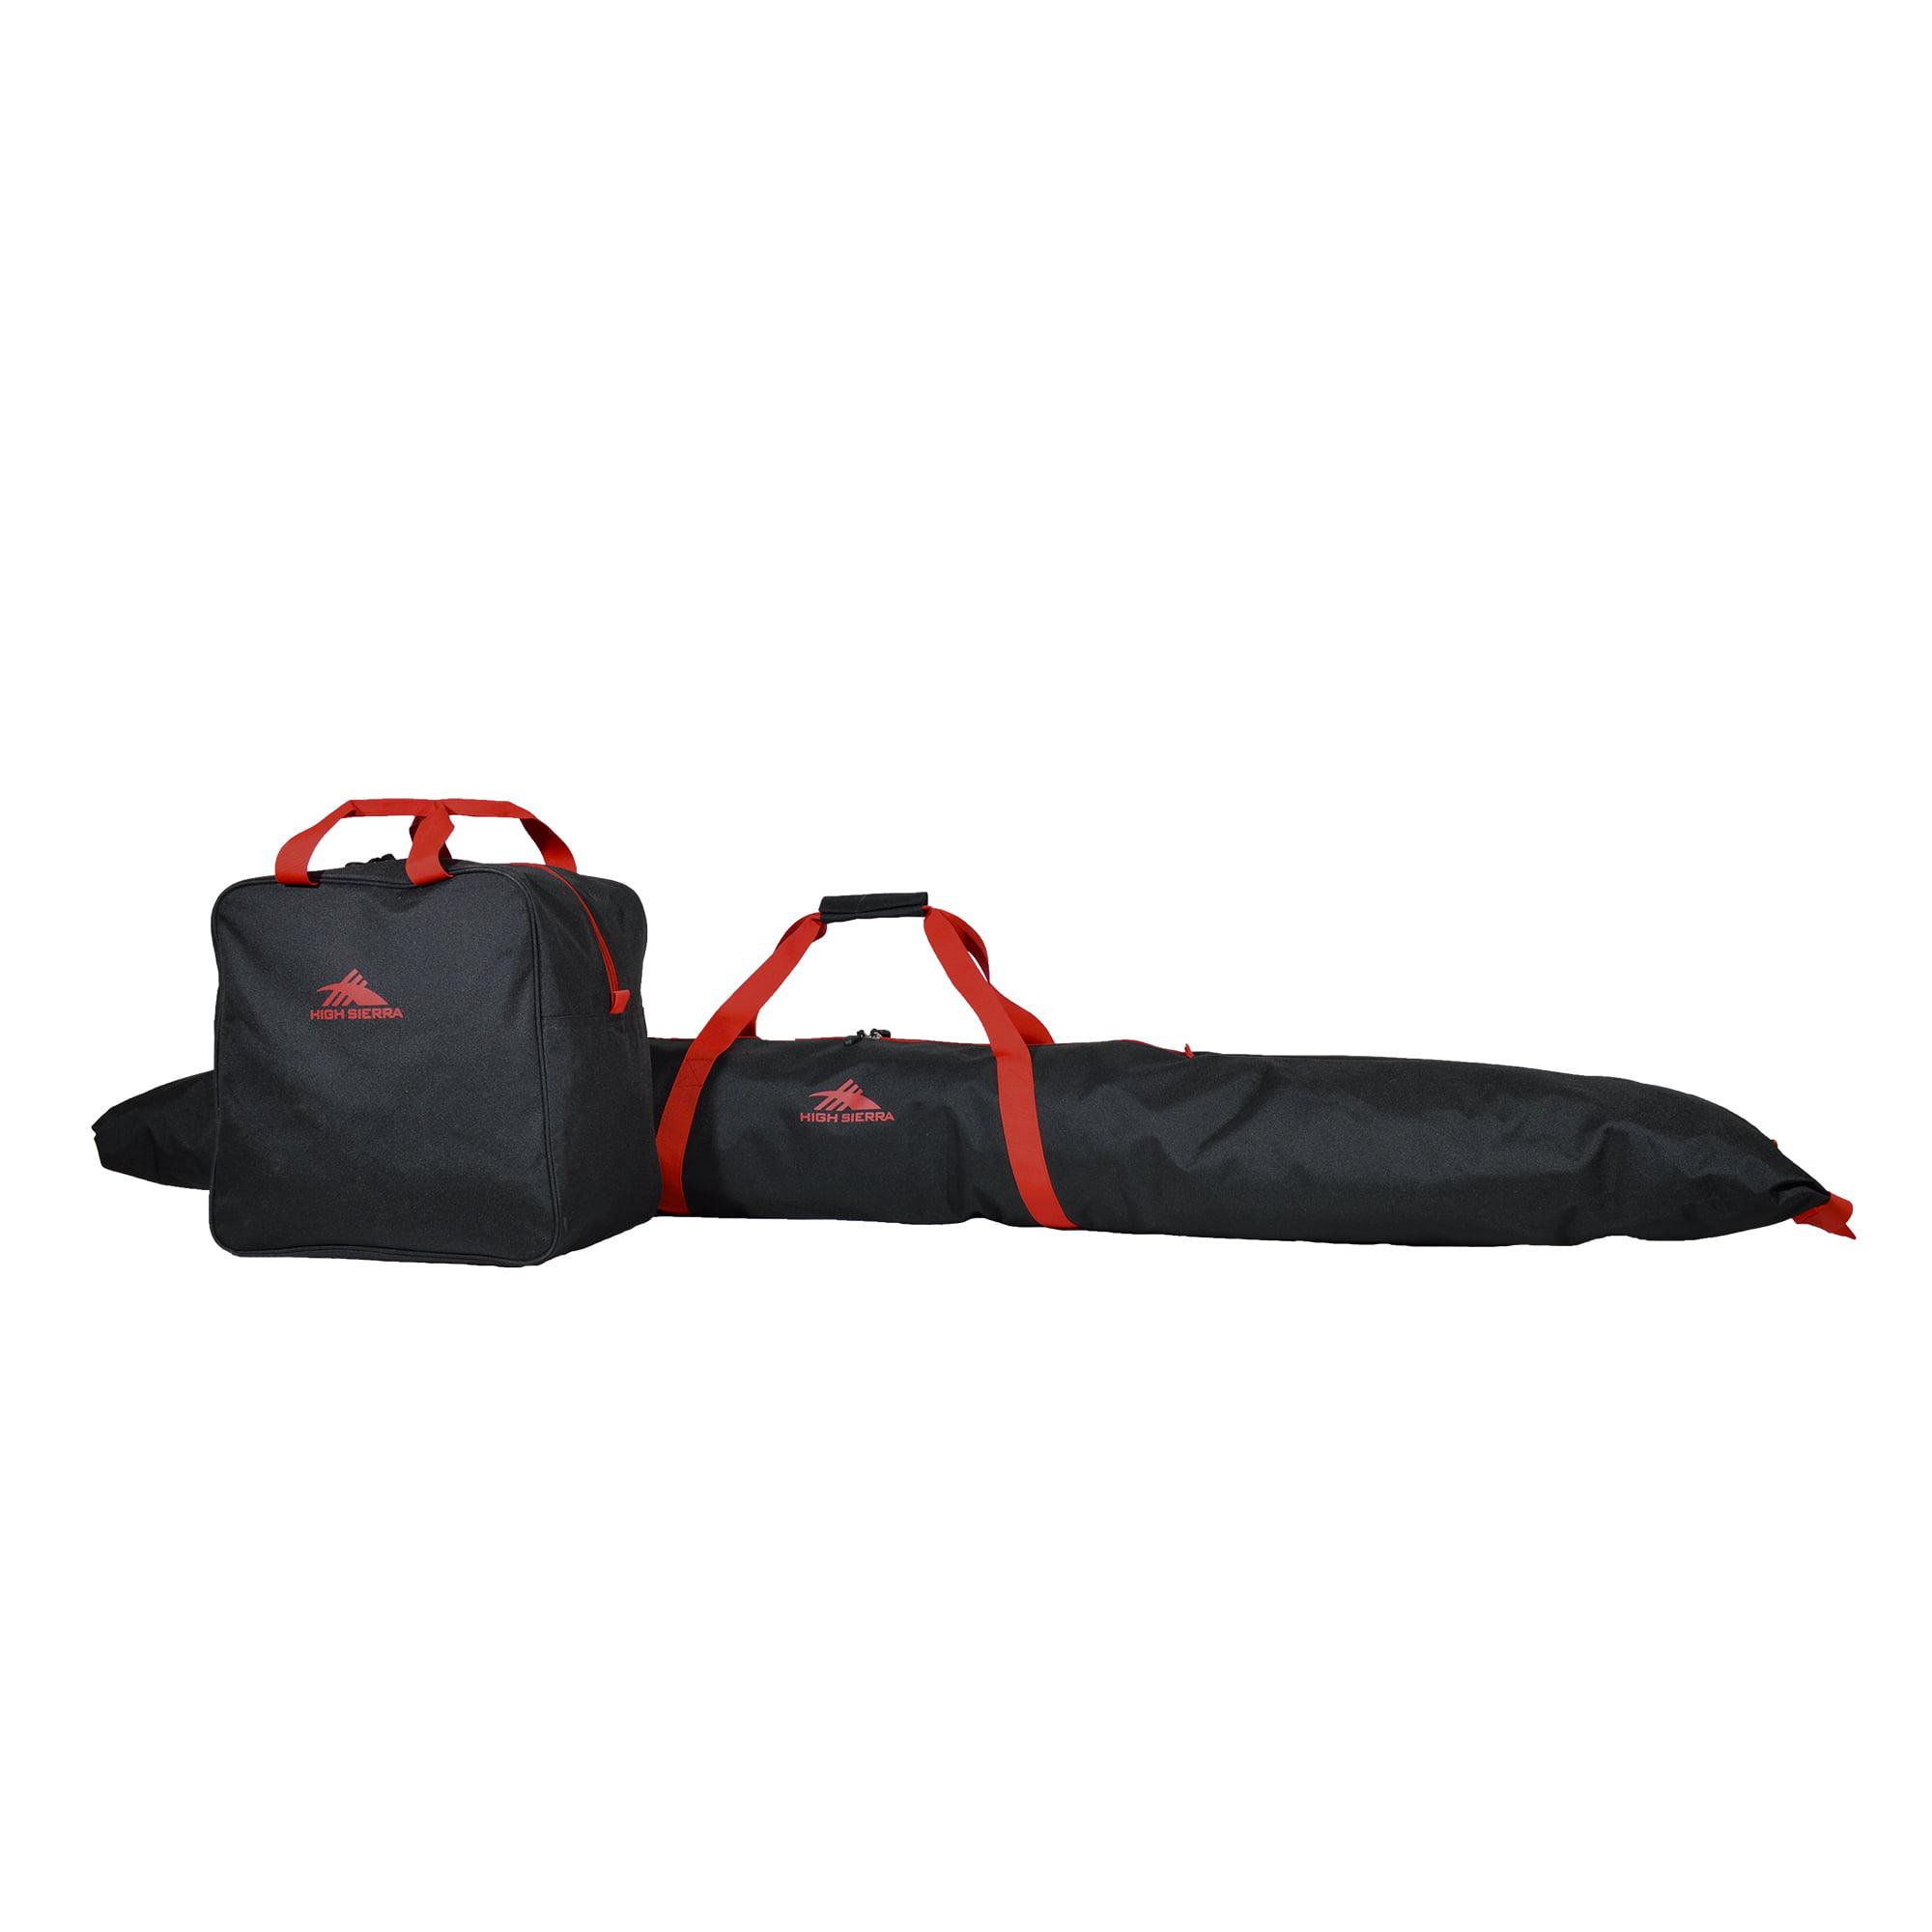 High Sierra Ski Bag   Boot Bag Combo by High Sierra